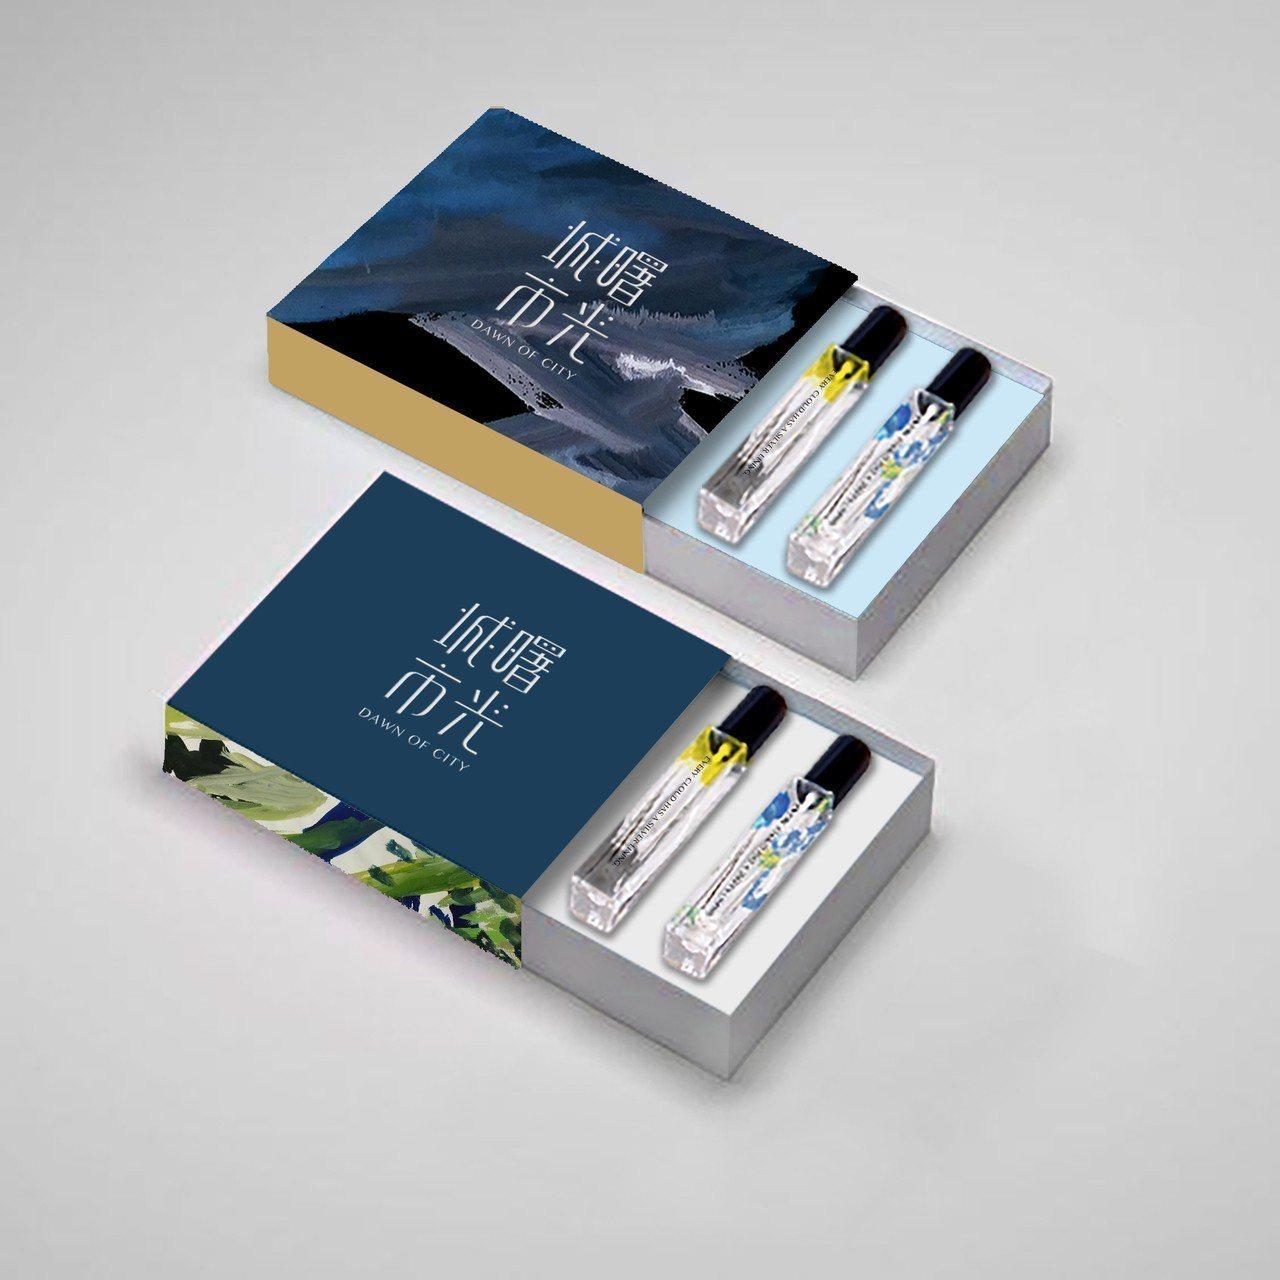 點點善說,城市曙光計畫今天起至23日在台南陳德聚堂舉辦的「台灣氣味巡迴展」中,首...